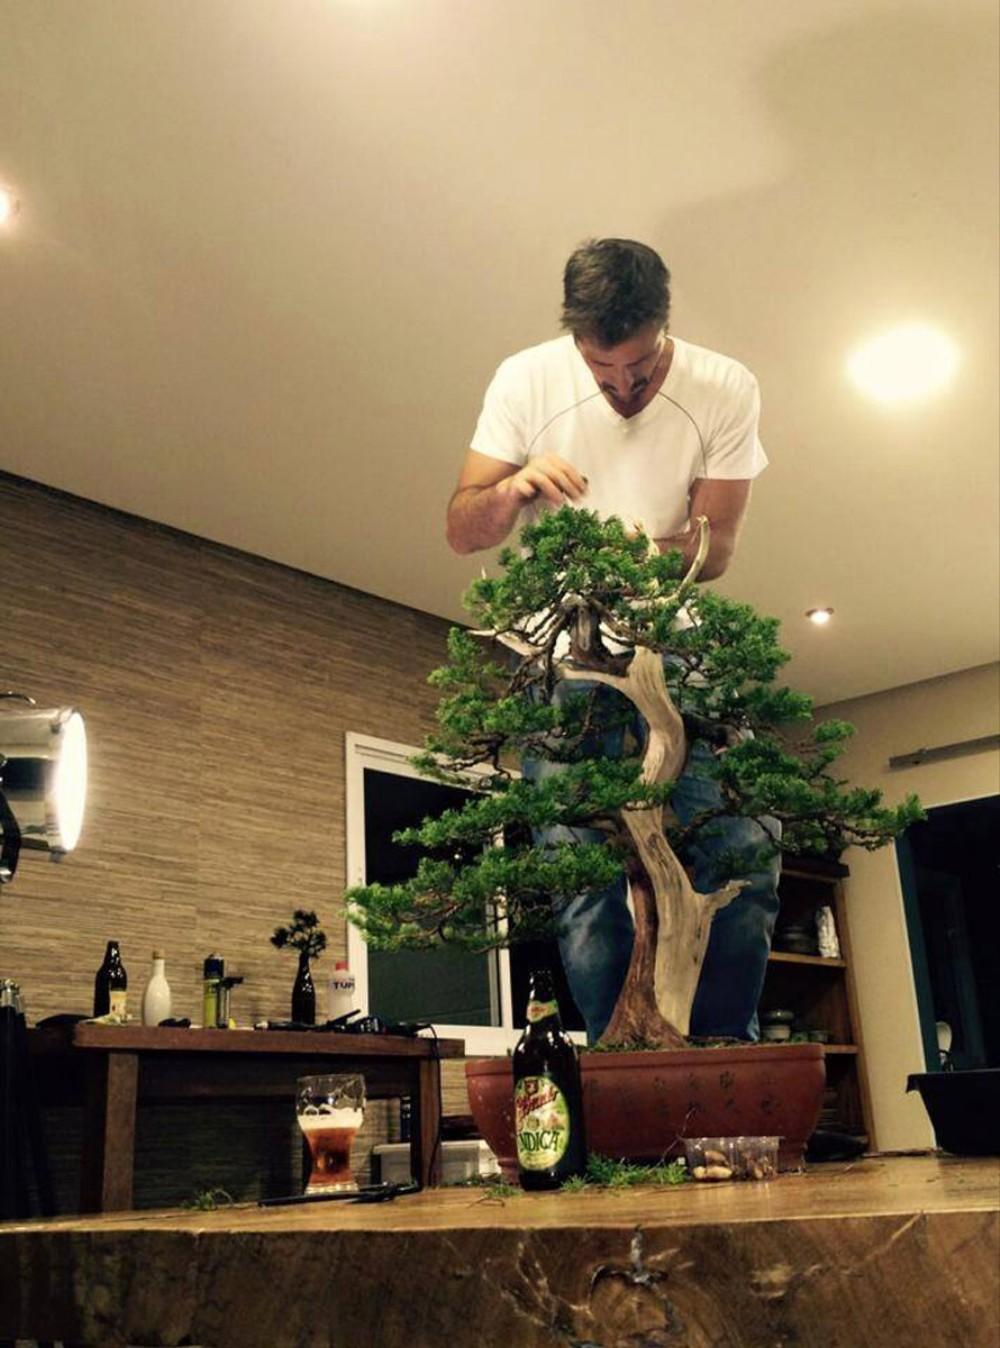 heroicabonsai_Bonsai - Bonsai Master